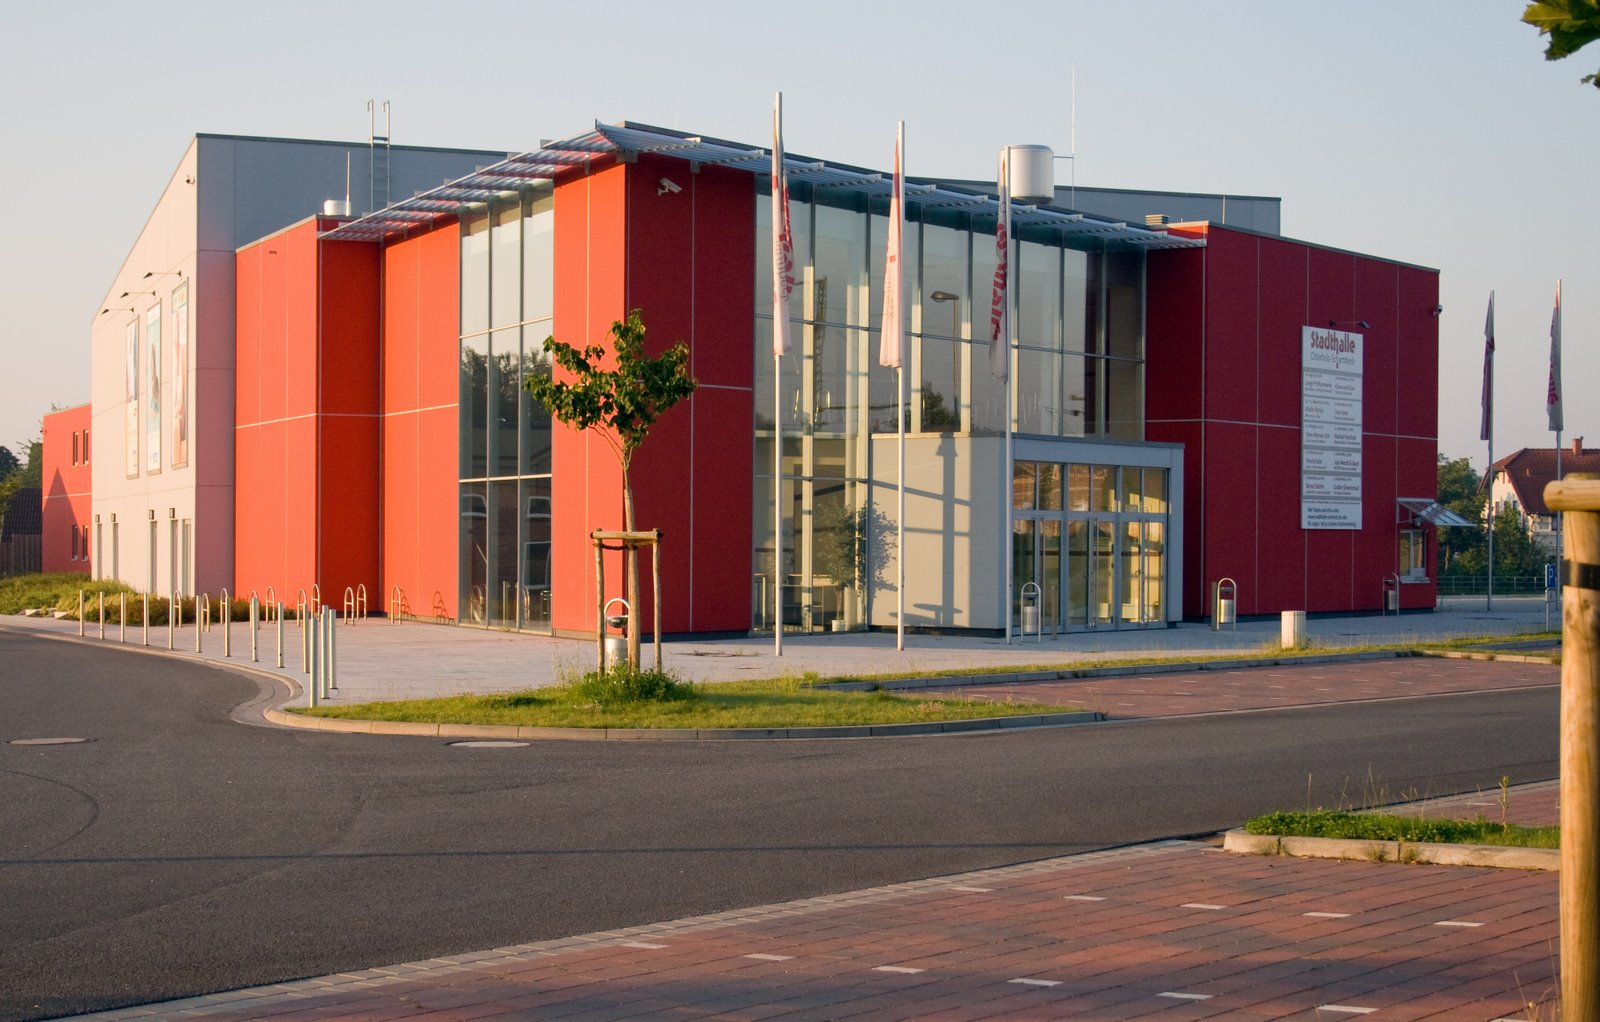 Stadthalle Osterholz-Scharmbeck